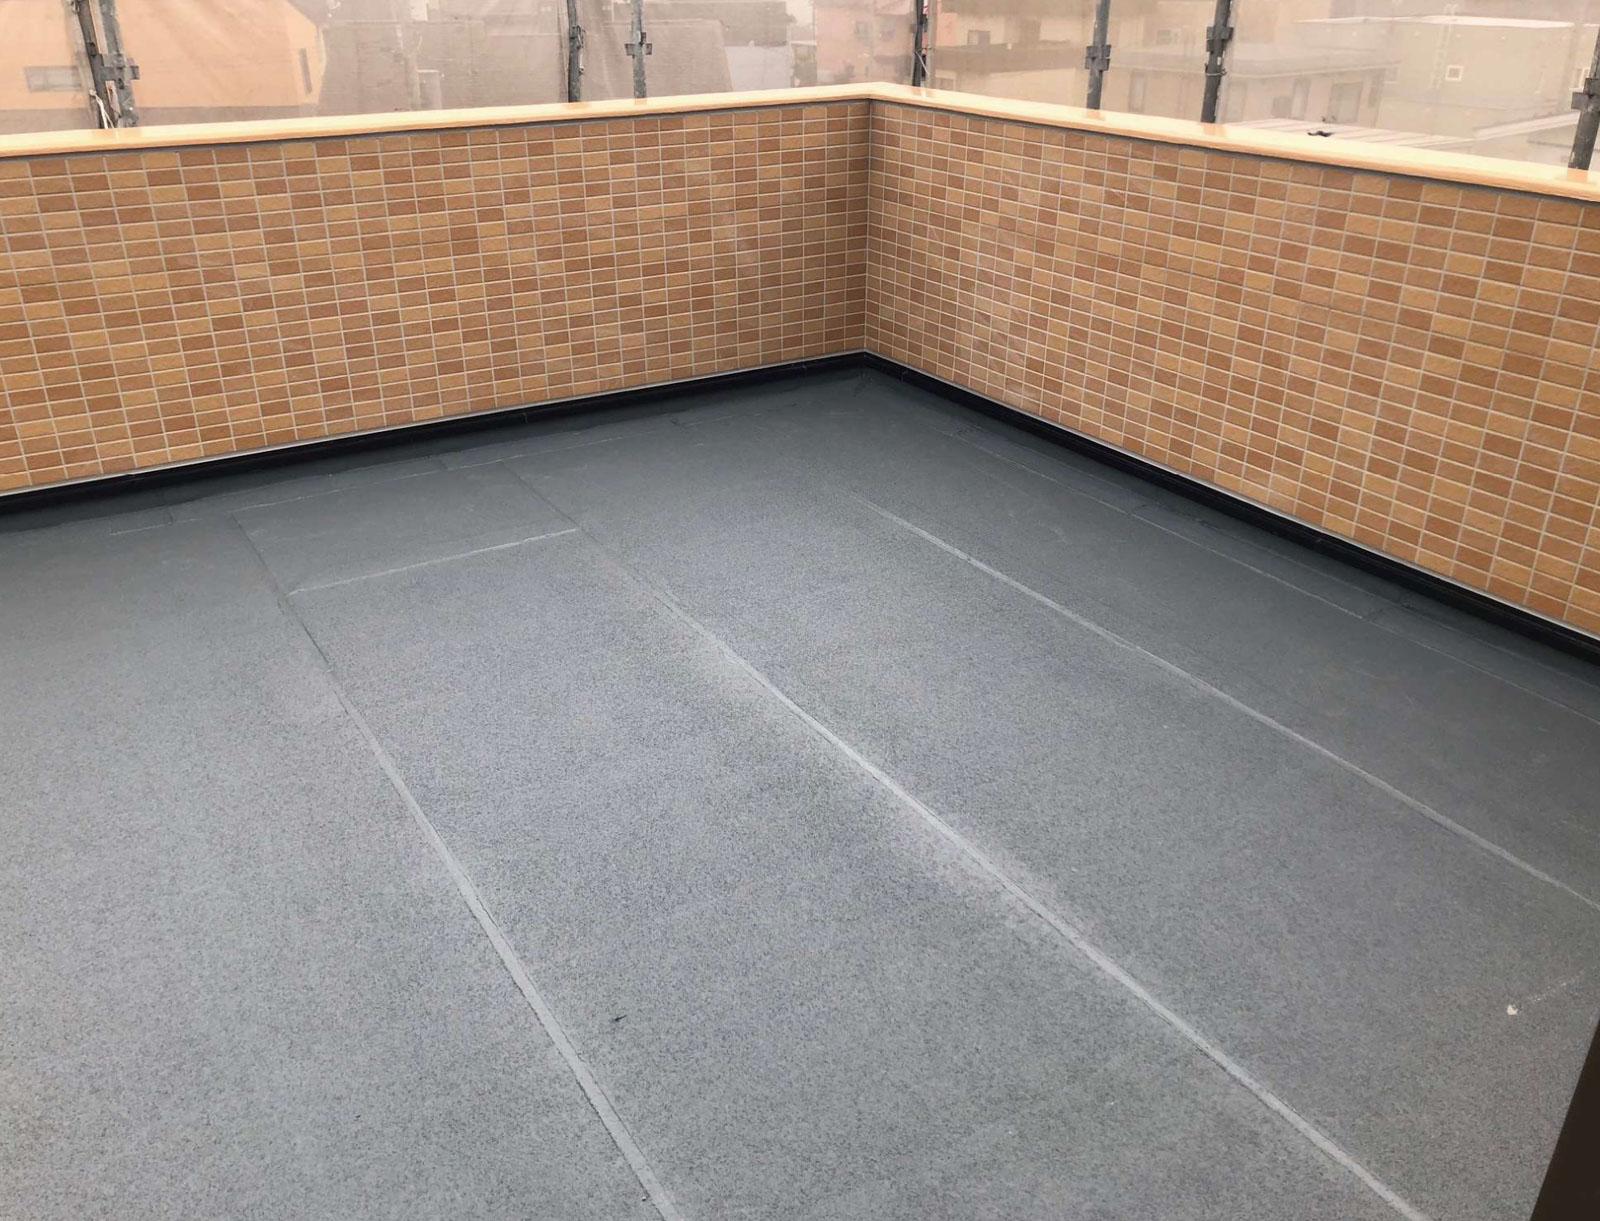 防水性に優れたRC住宅の屋上は、アウトドアスペースや屋上菜園など、活用度が高い